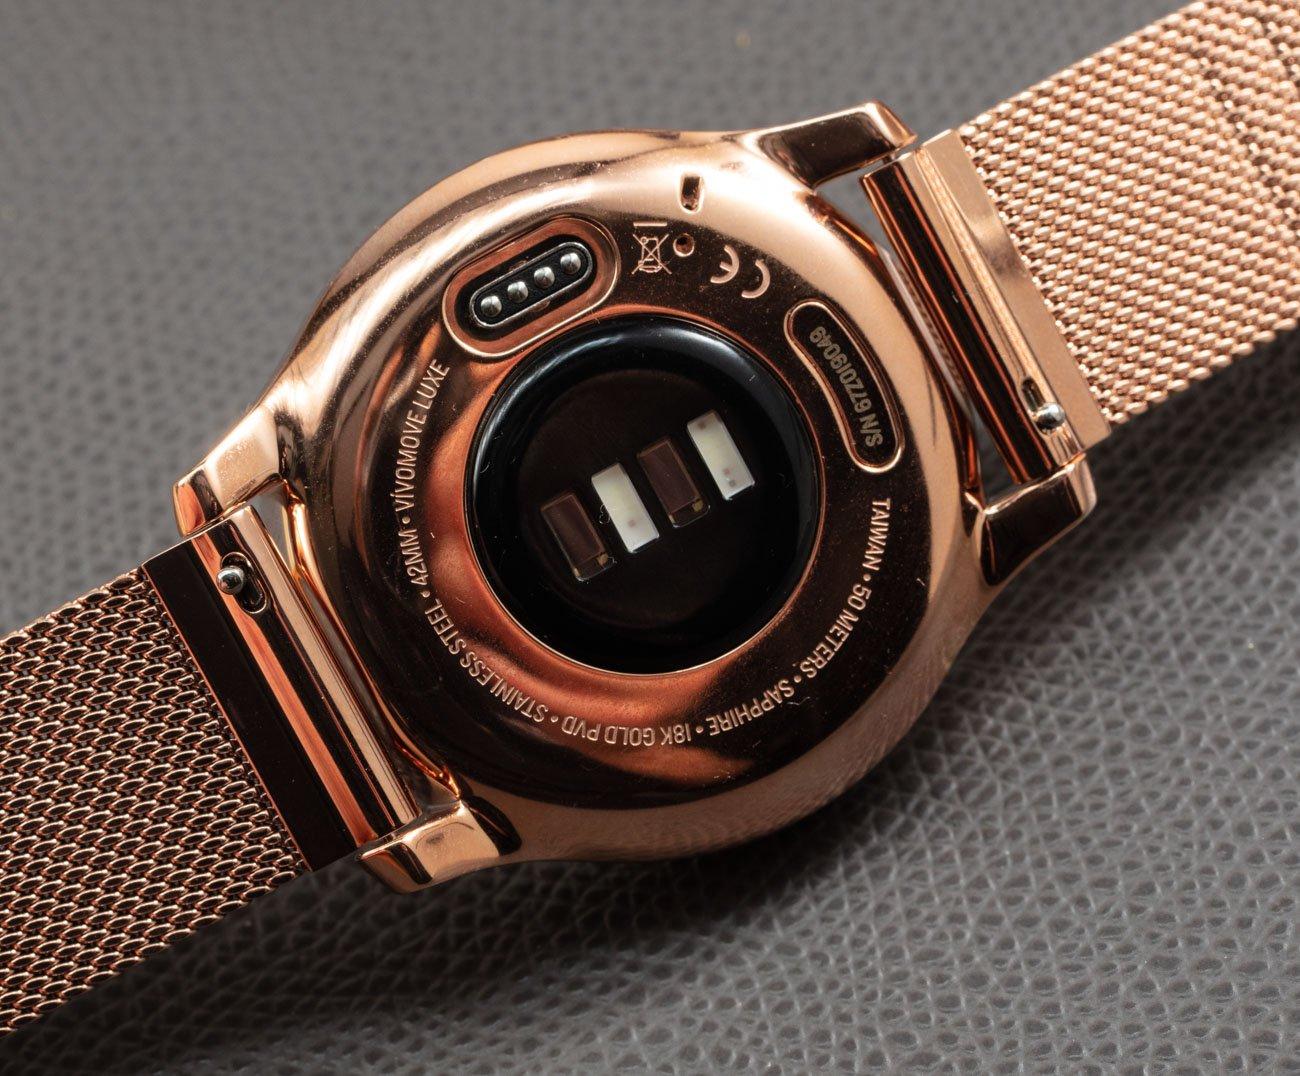 Обзор умных часов Garmin Vivomove Luxe с аналоговым / цифровым циферблатом